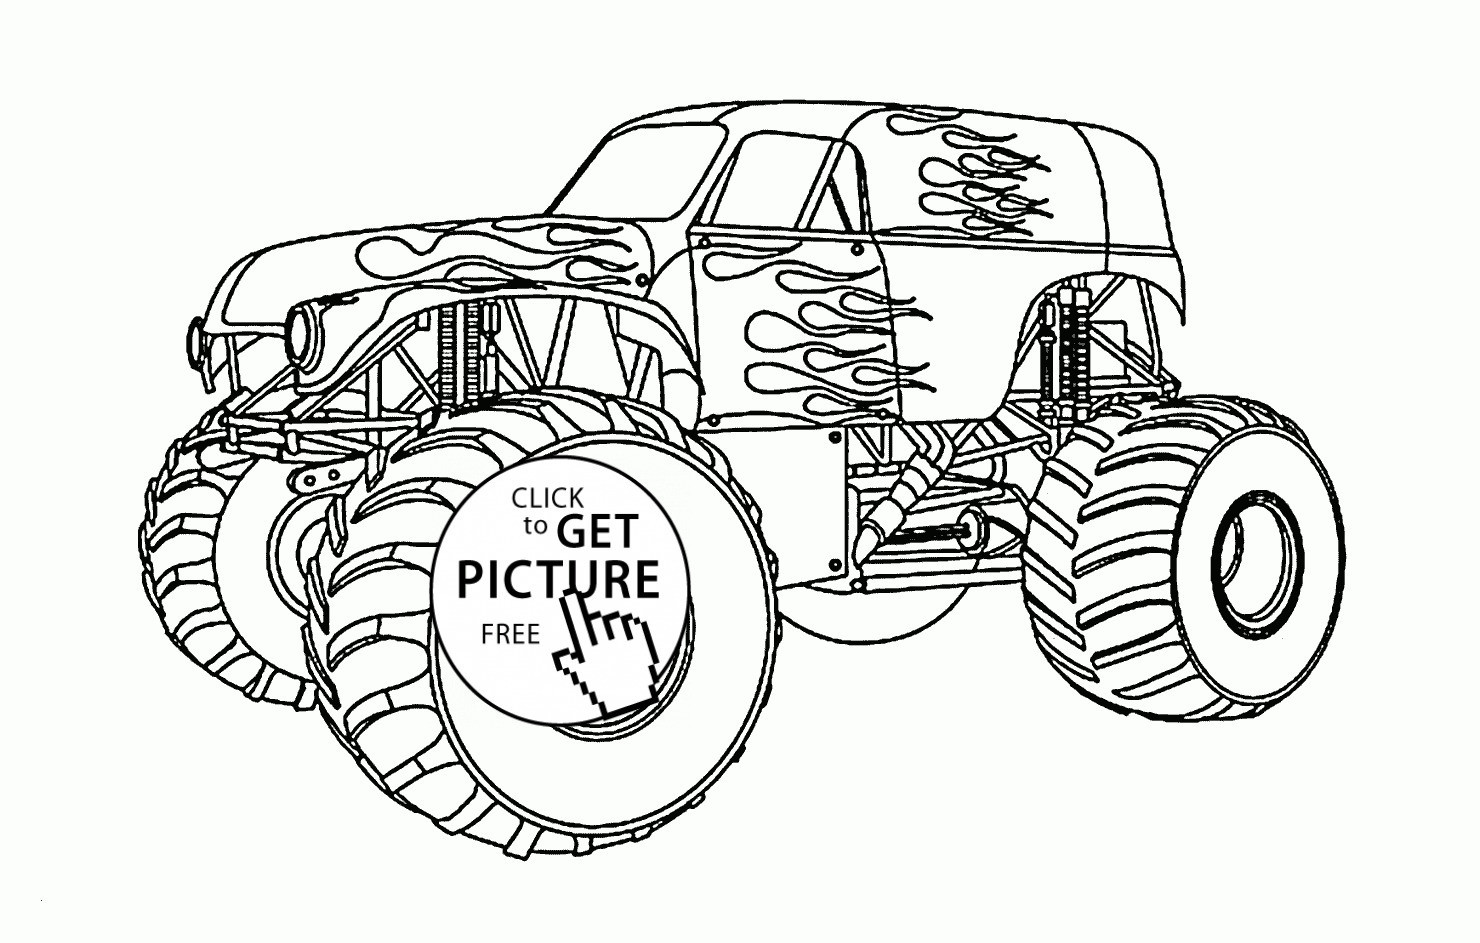 Monster Bilder Zum Ausmalen Das Beste Von 30 Monster Truck Ausmalbilder forstergallery Galerie